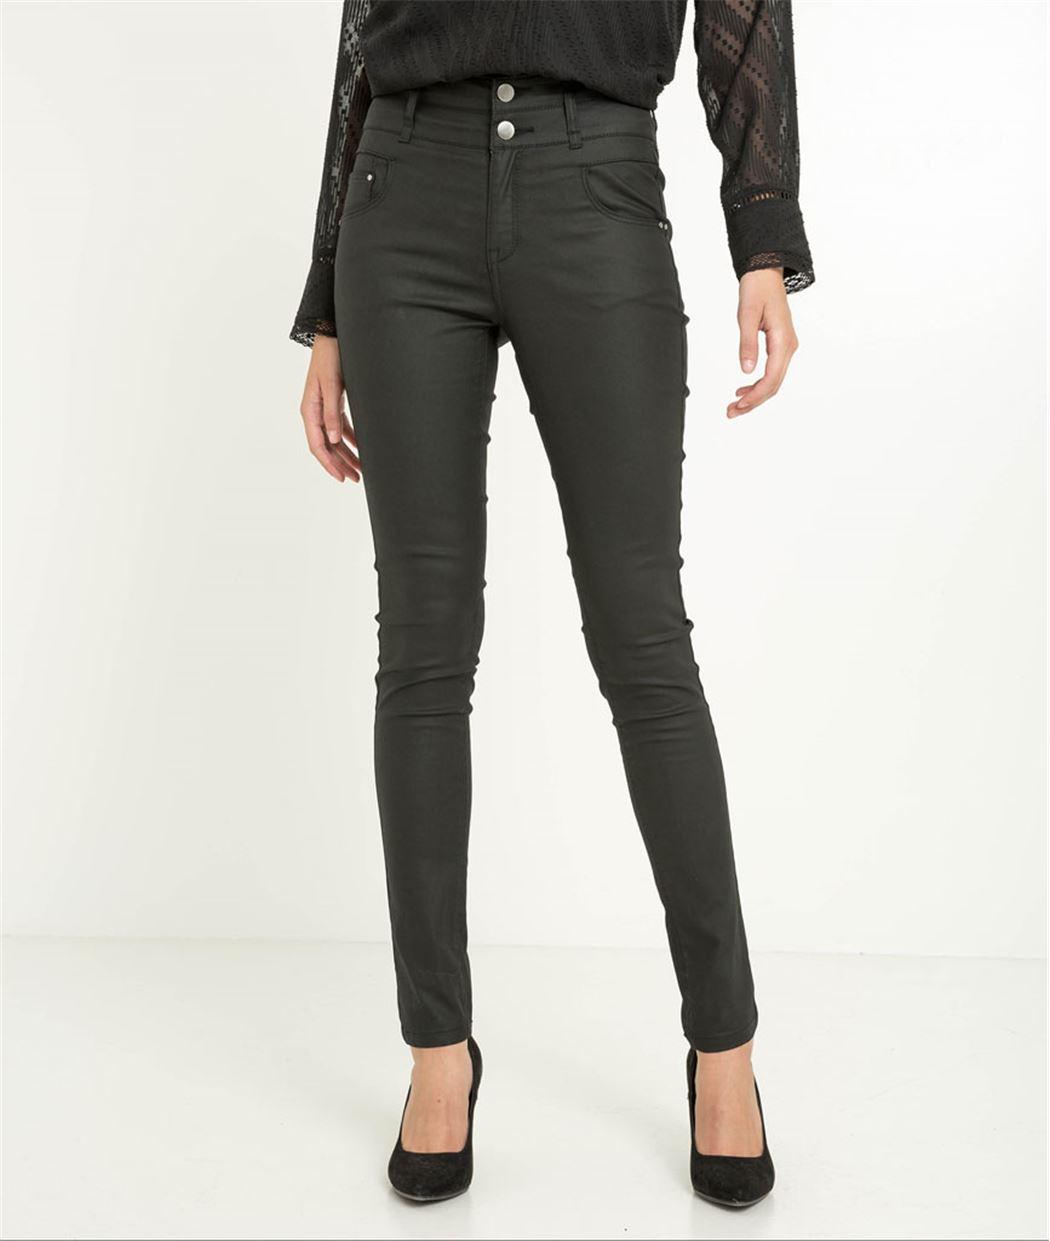 Pantalon femme enduit noir taille haute NOIR